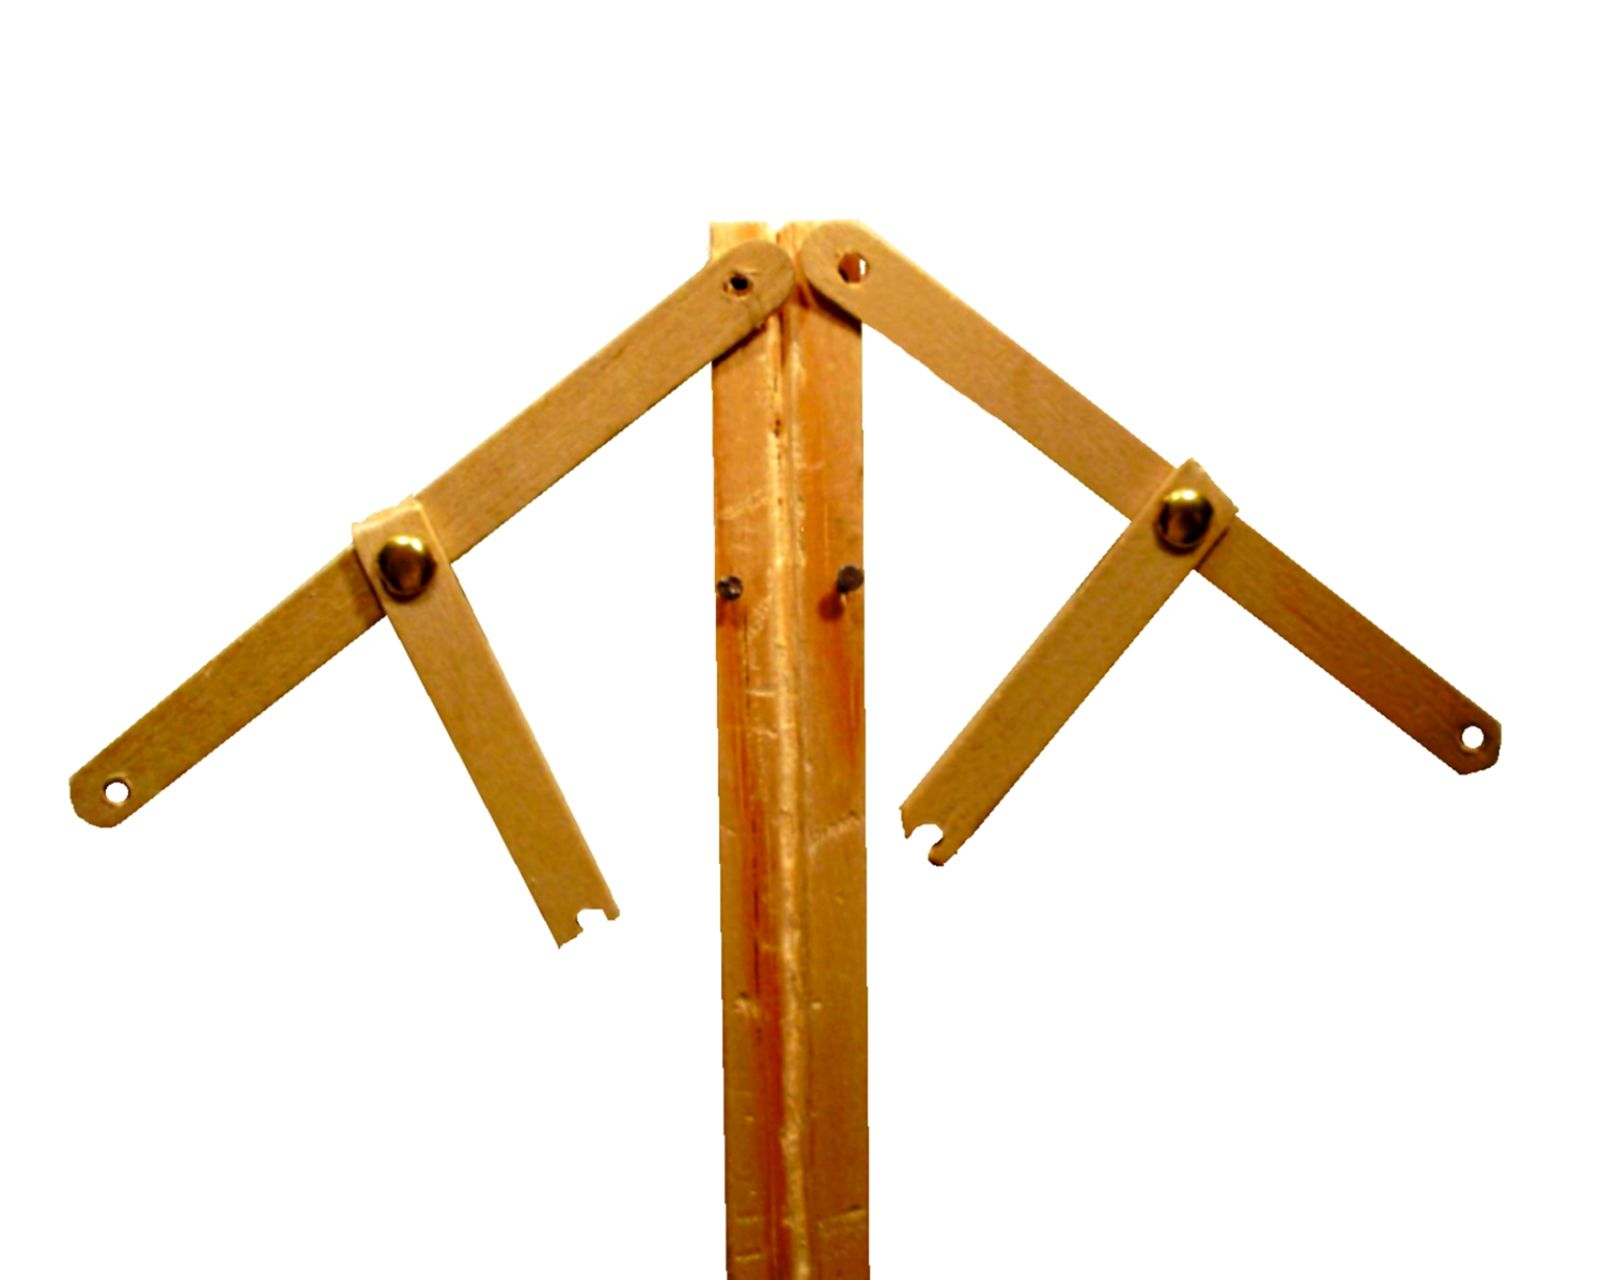 Раскладной лук своими руками (самоделки на mozgochiny.ru)